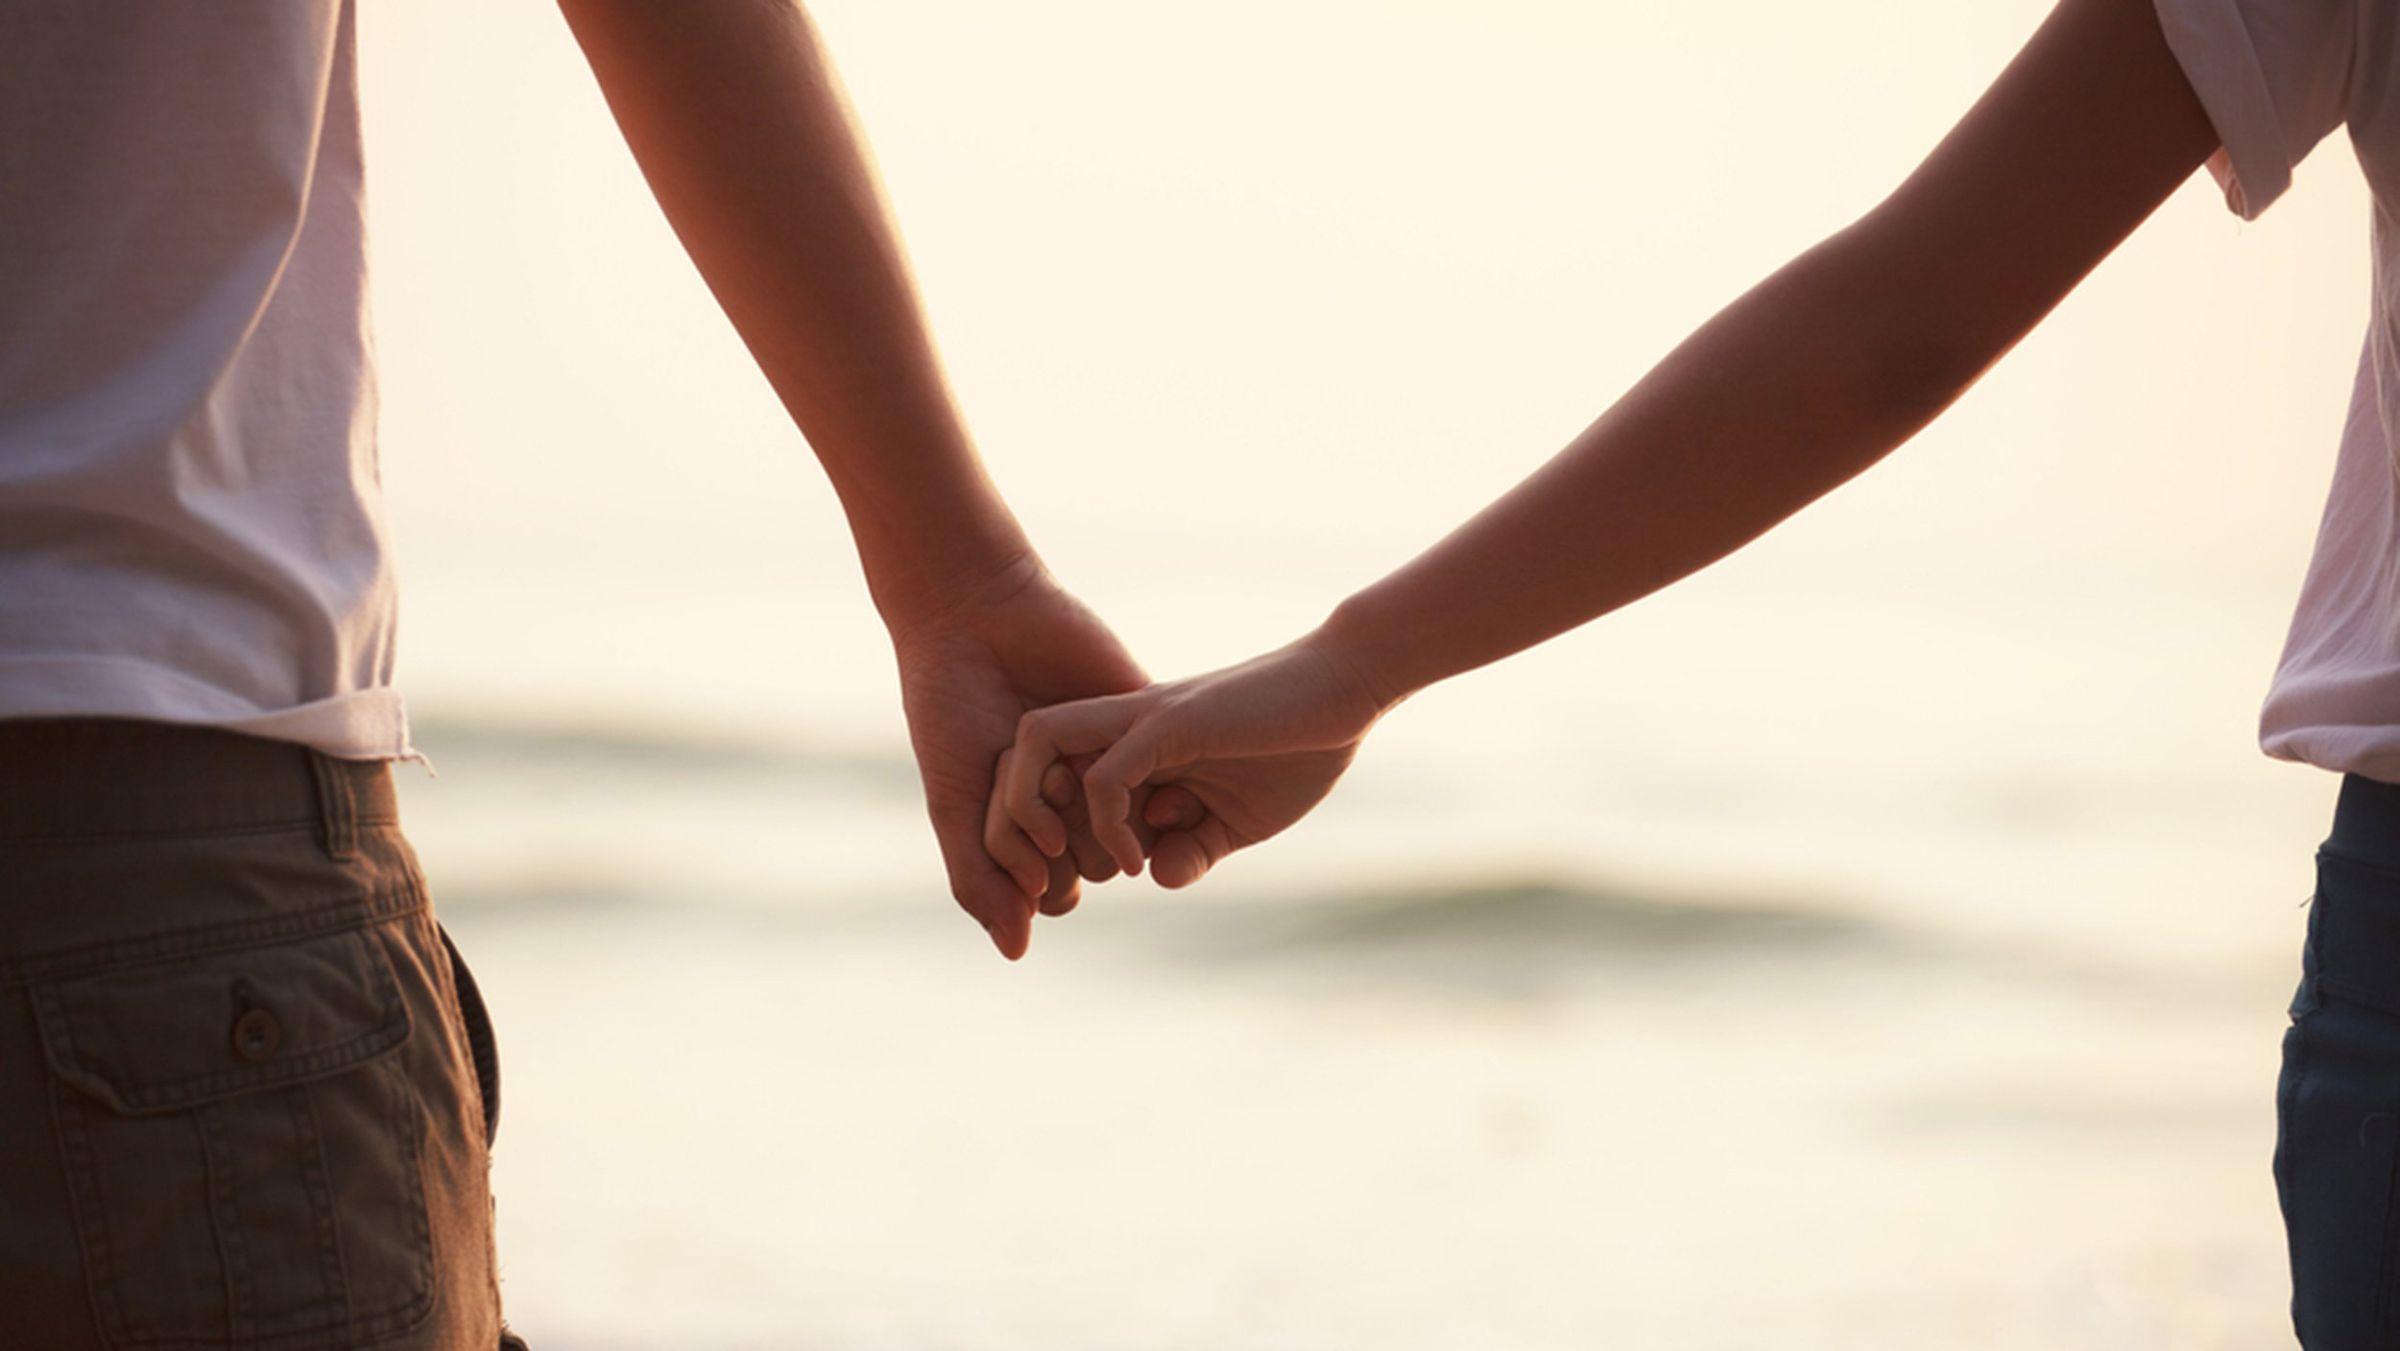 Надписью магазин, картинки с надписями парень с девушкой держатся за руки